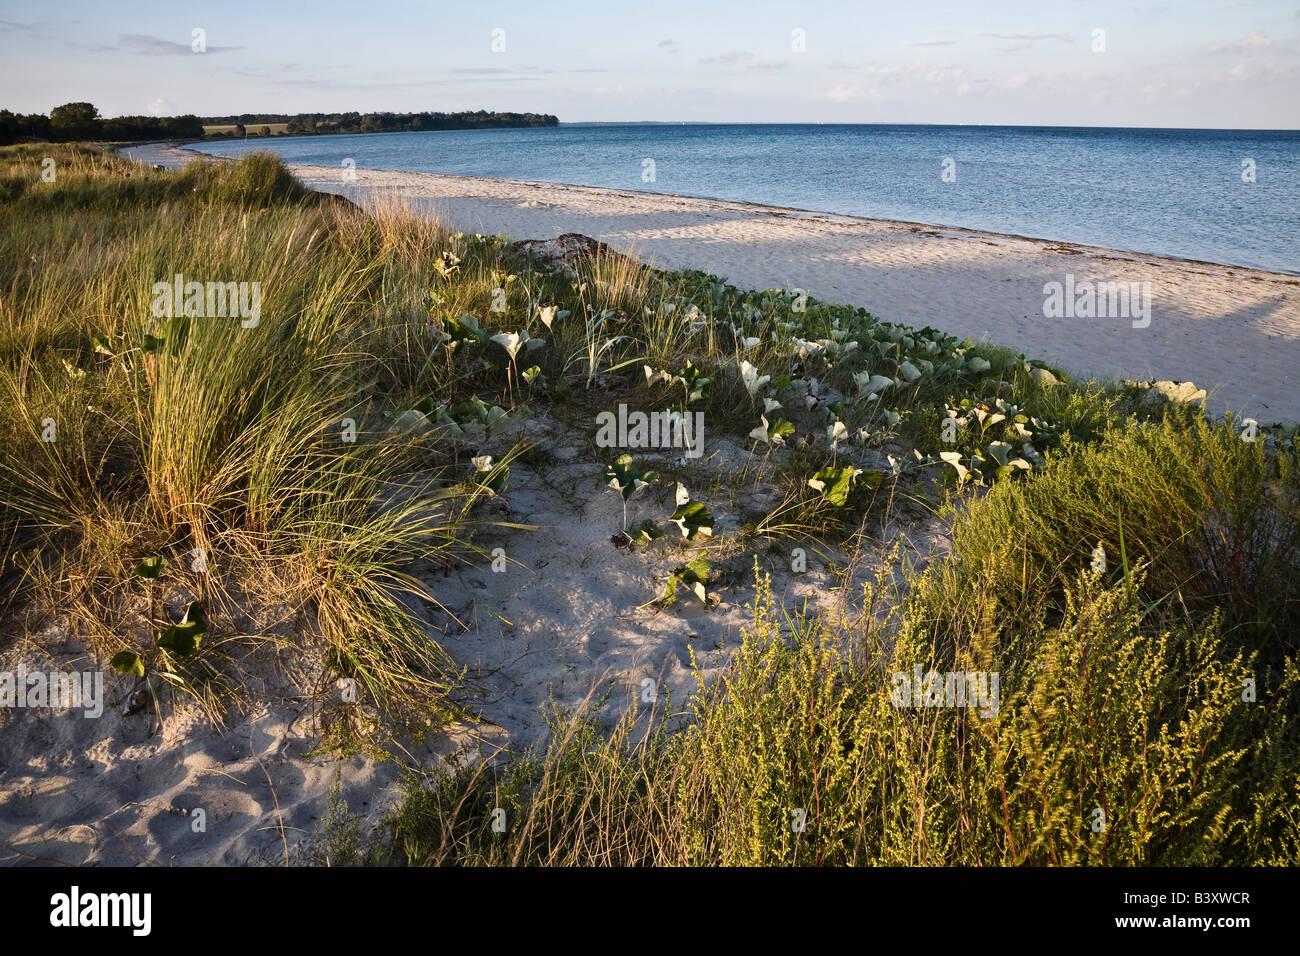 The deserted beach at Feddet in evening light, Zealand, Denmark - Stock Image